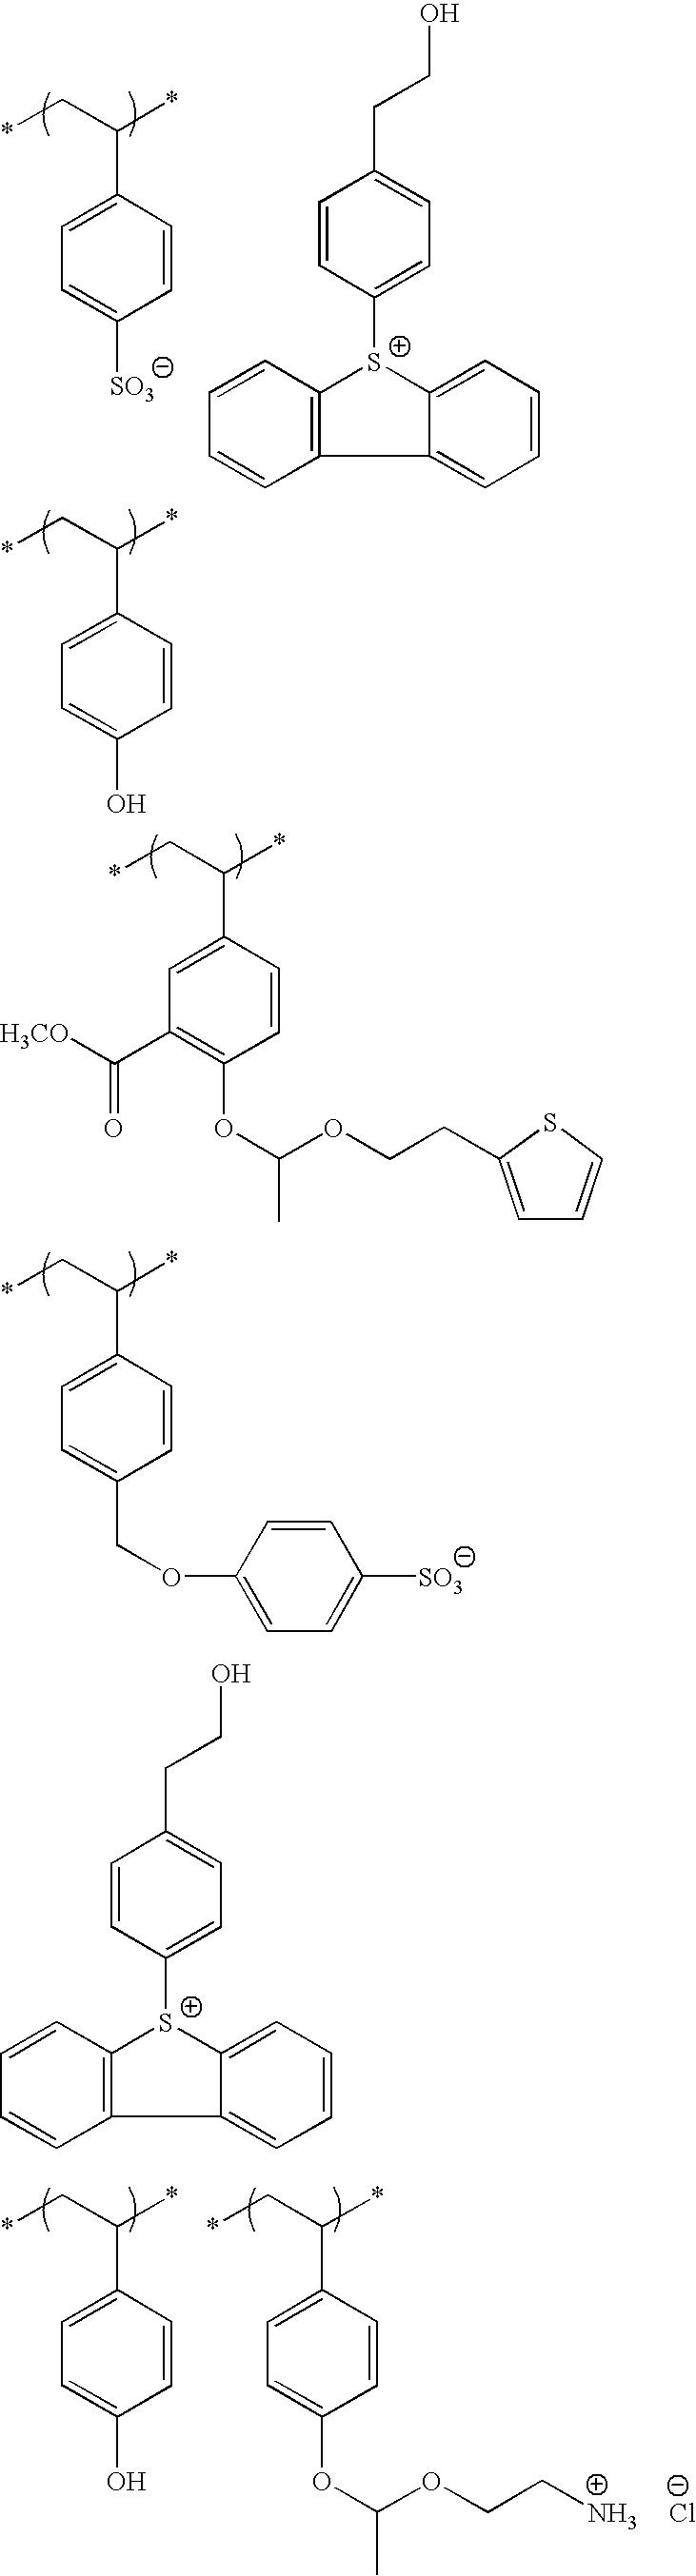 Figure US08852845-20141007-C00172